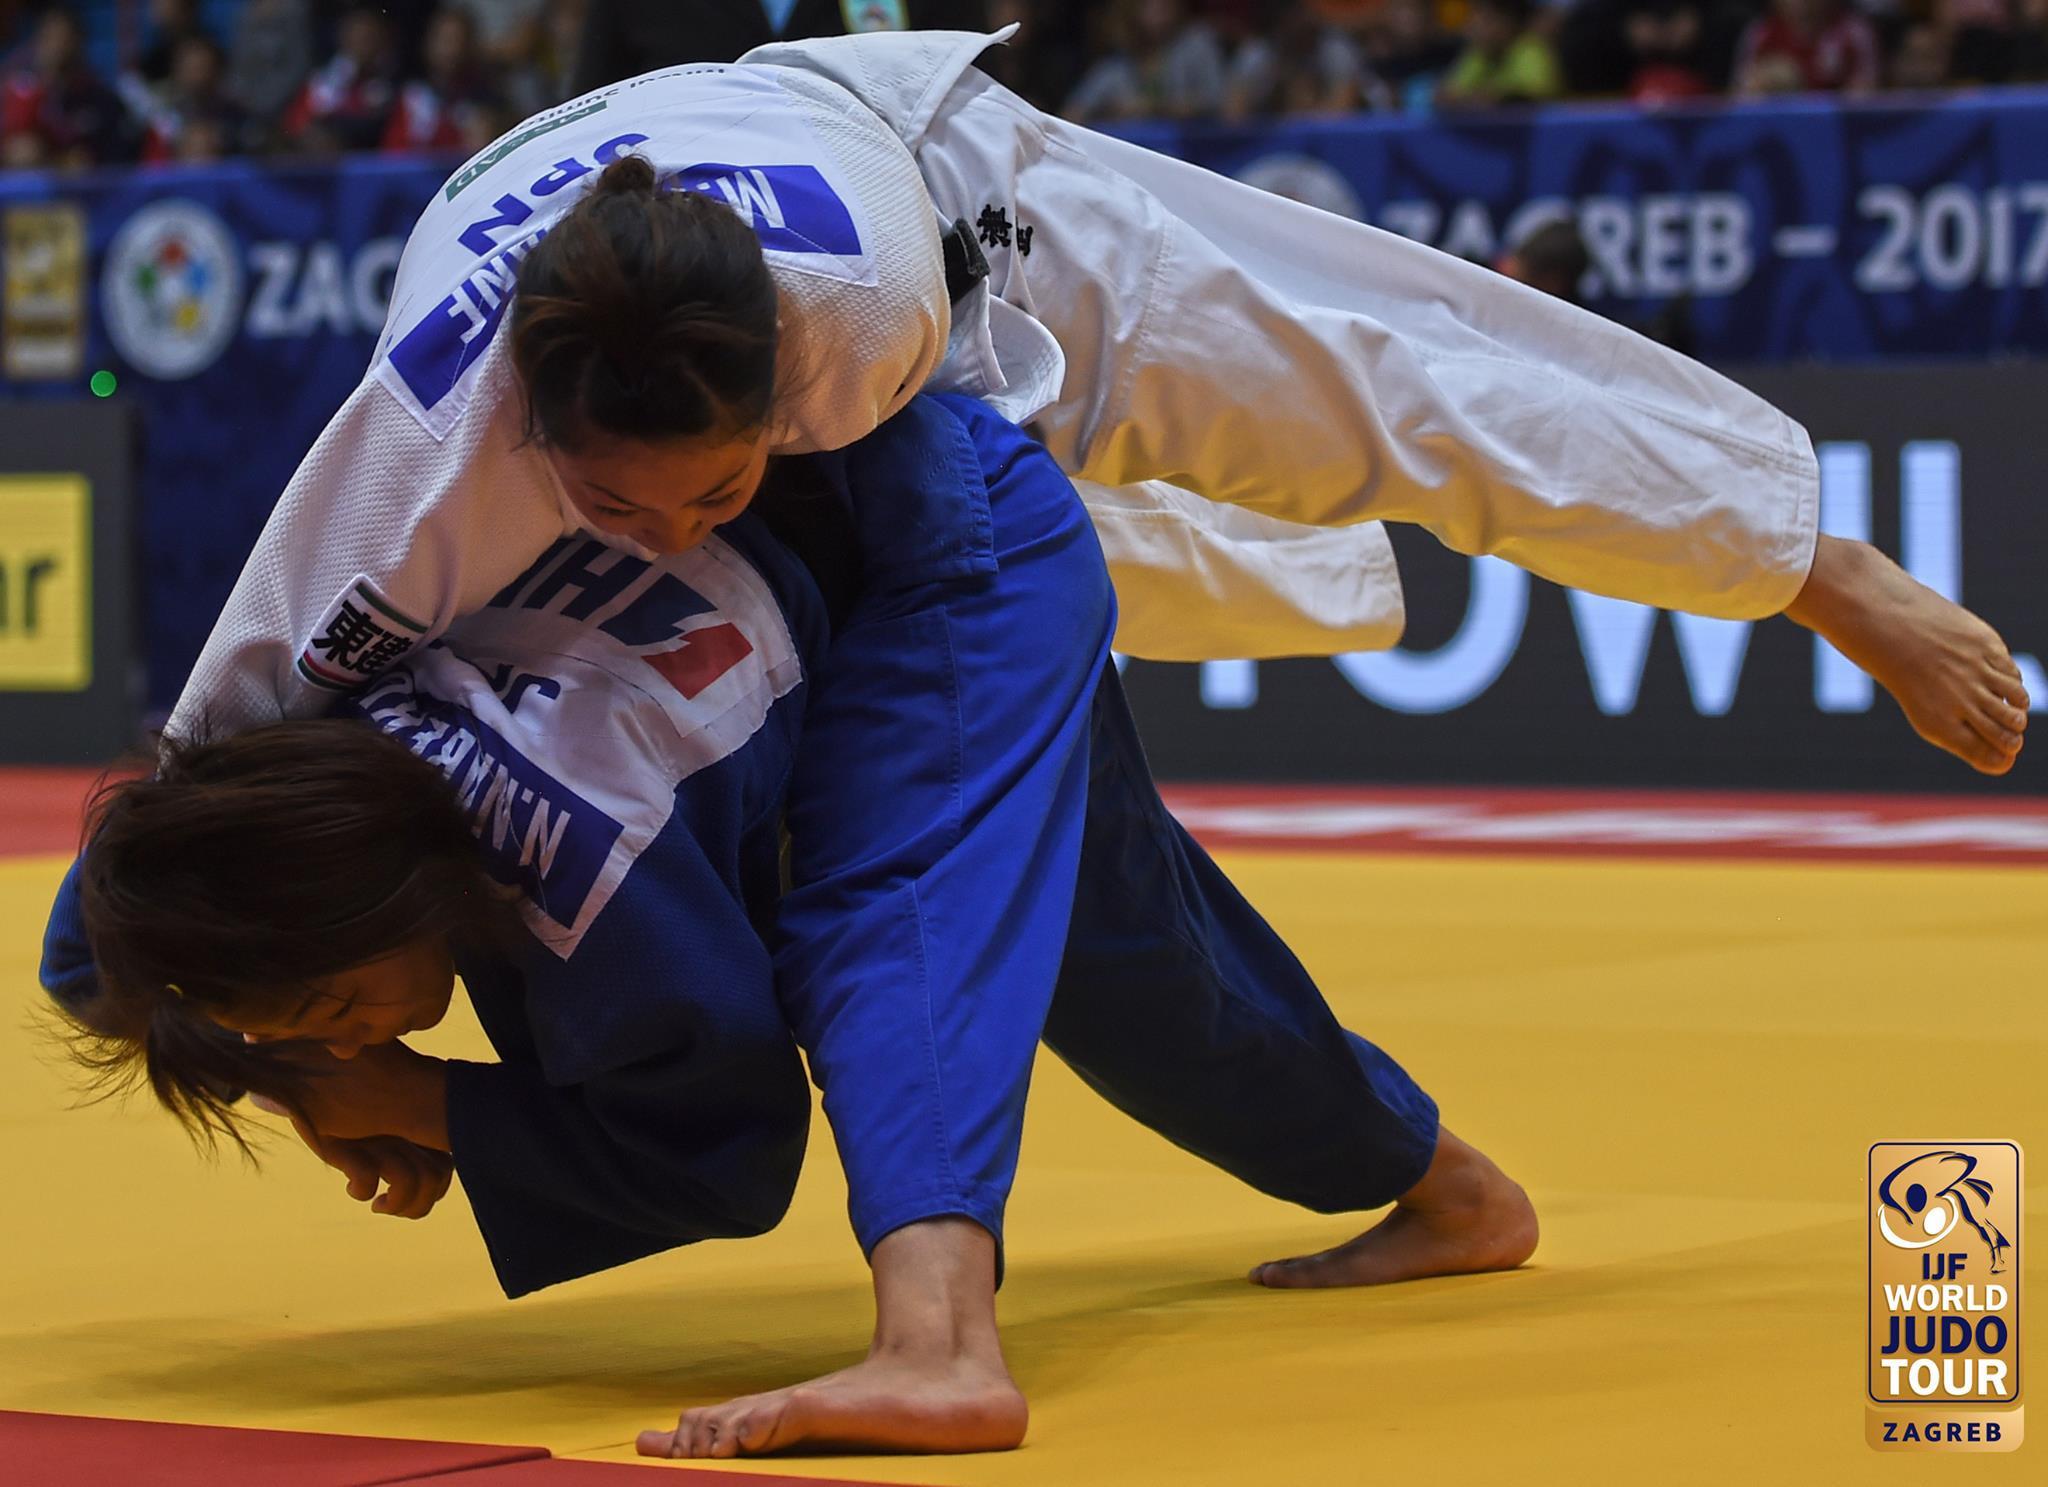 Nabekura beats team-mate to gold at IJF Grand Prix in Zagreb